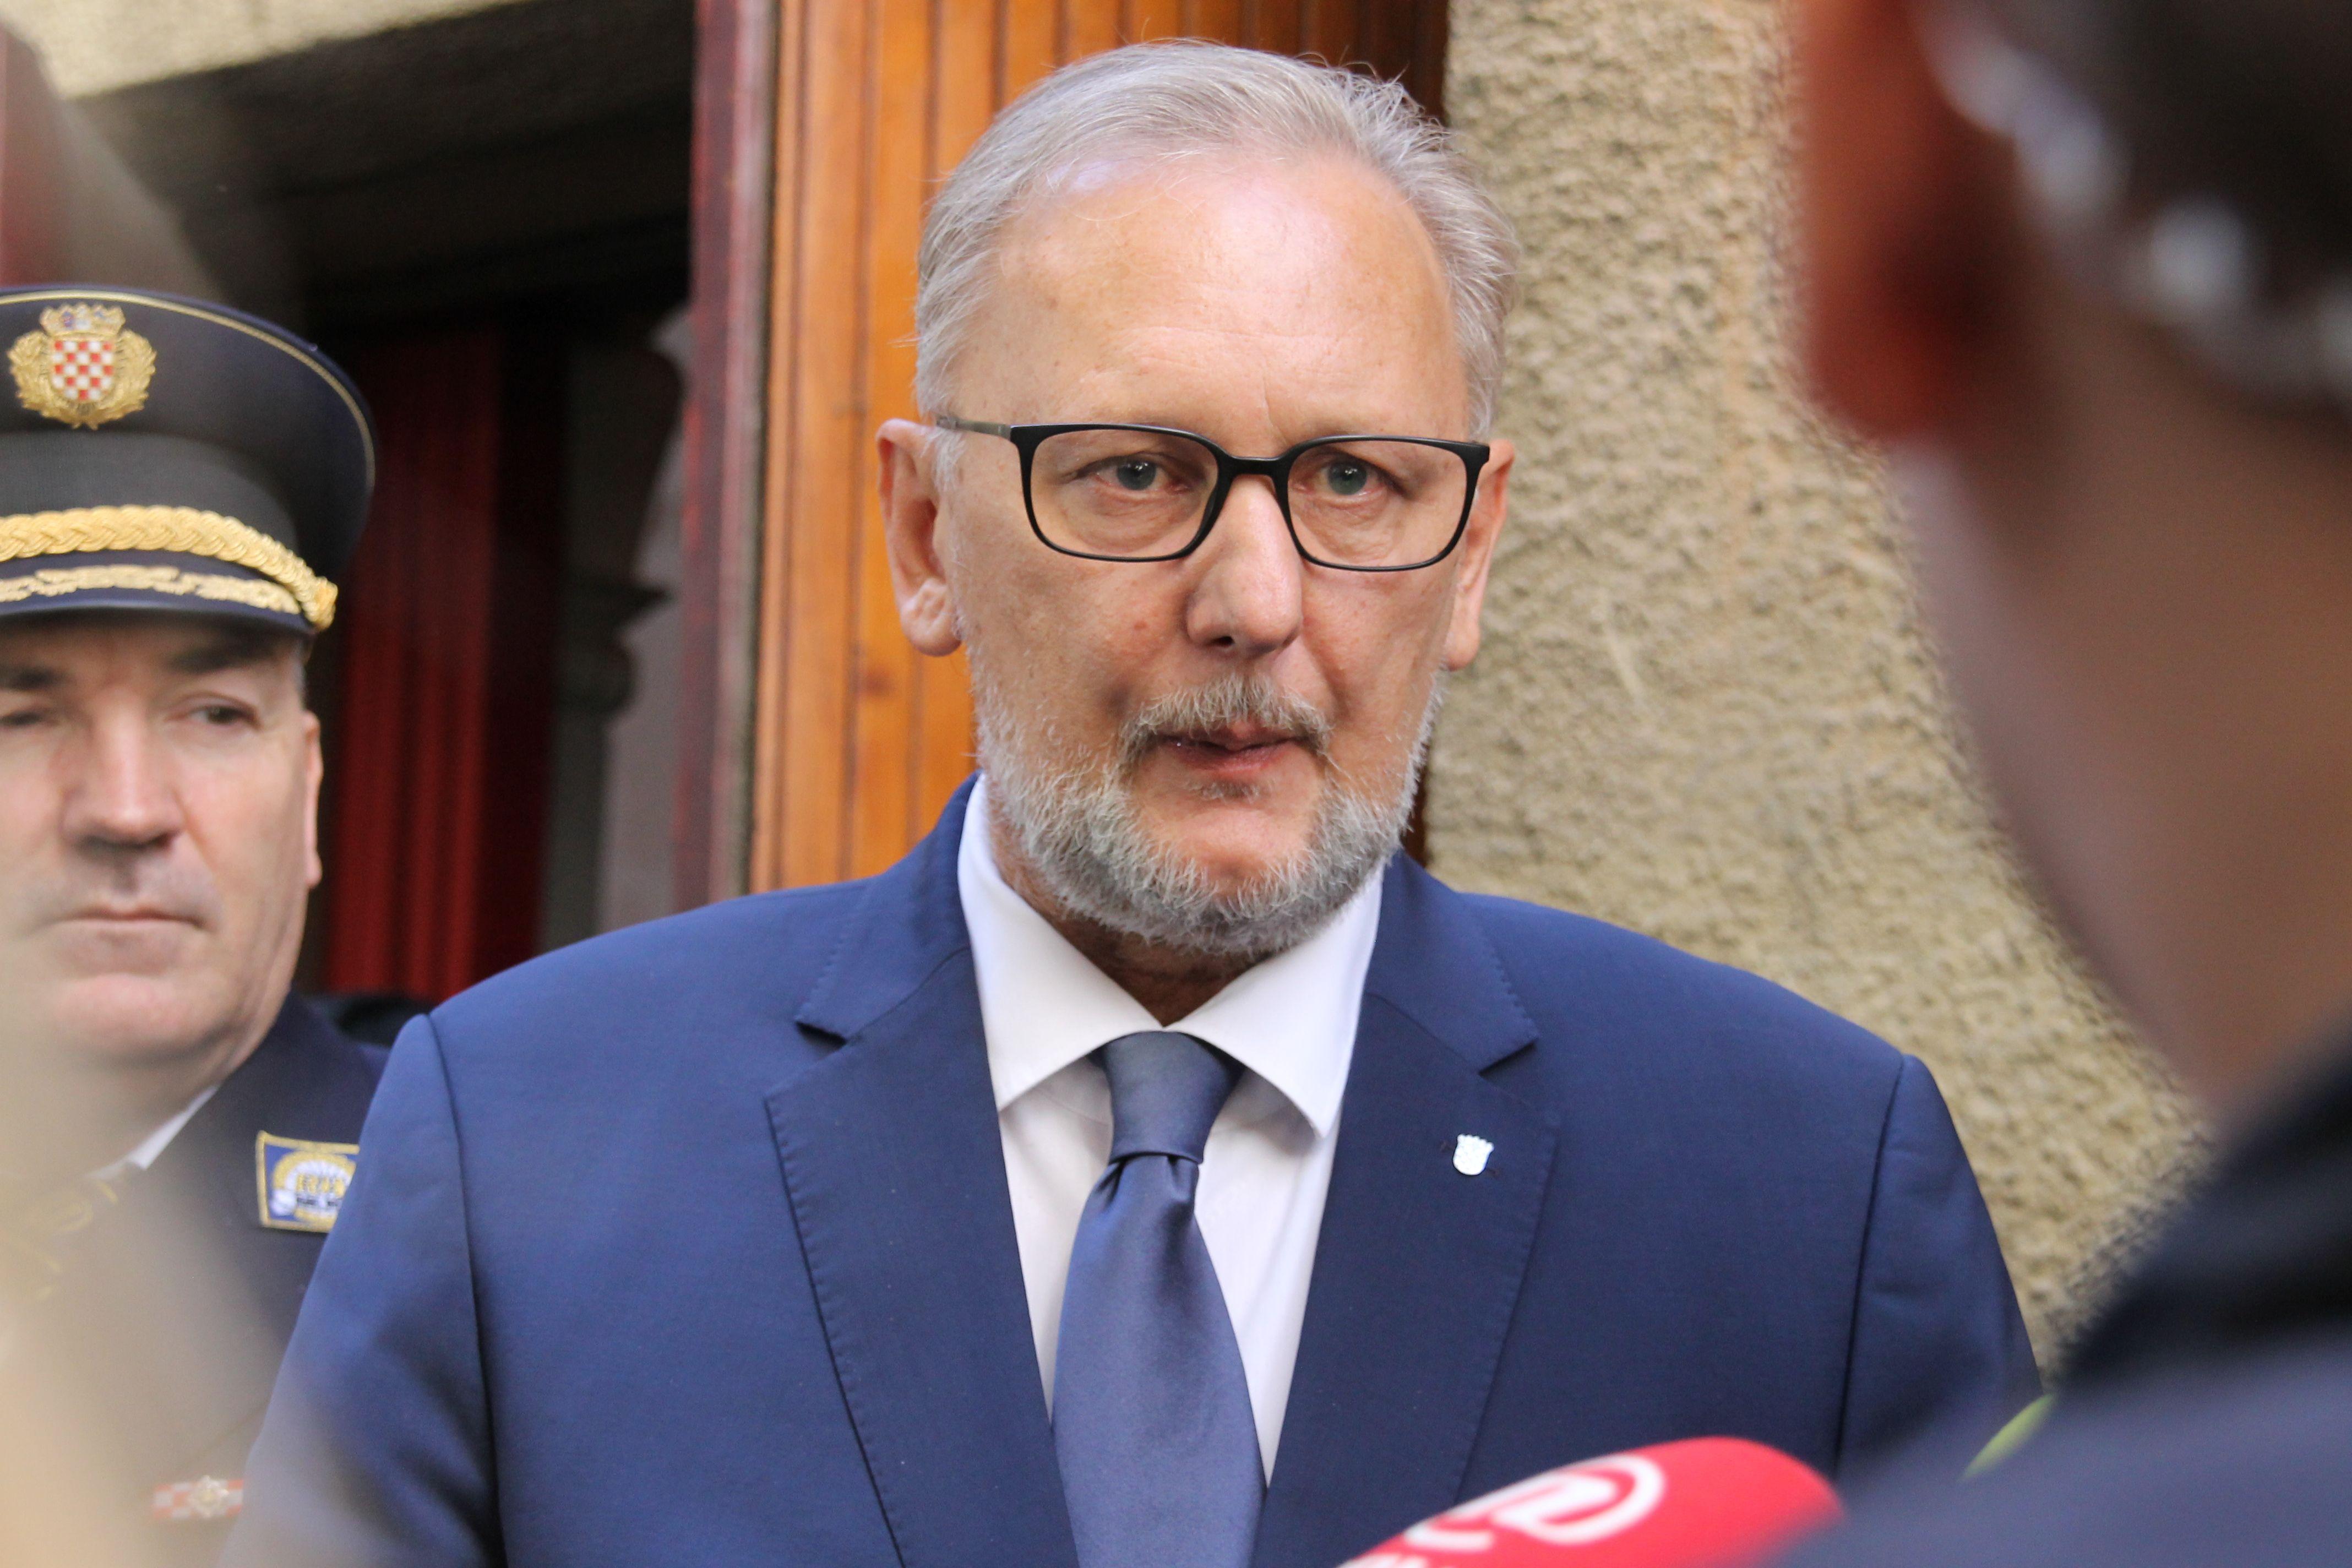 Božinović: Vlada ima izuzetne rezultate u svim segmentima posla, nema krize u koaliciji